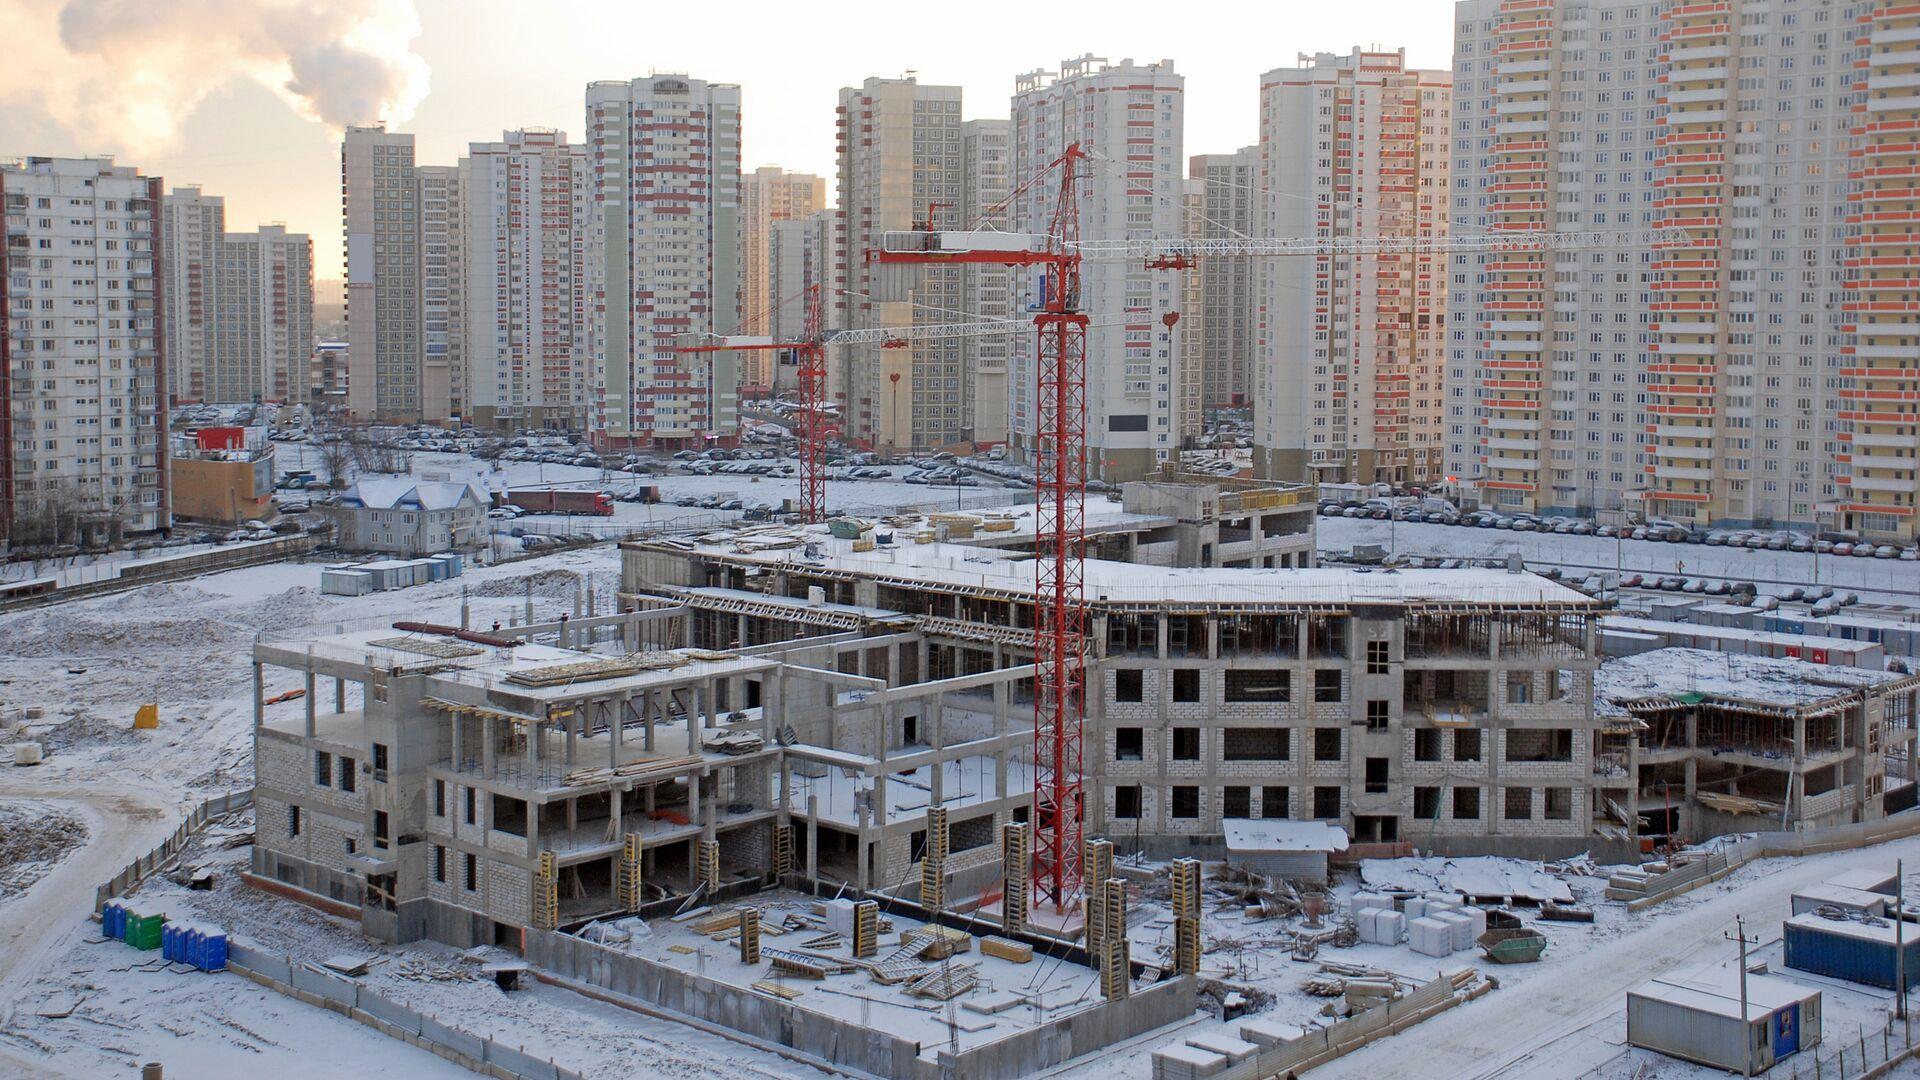 Строительство здания новой школы в зимний день  - РИА Новости, 1920, 23.09.2021